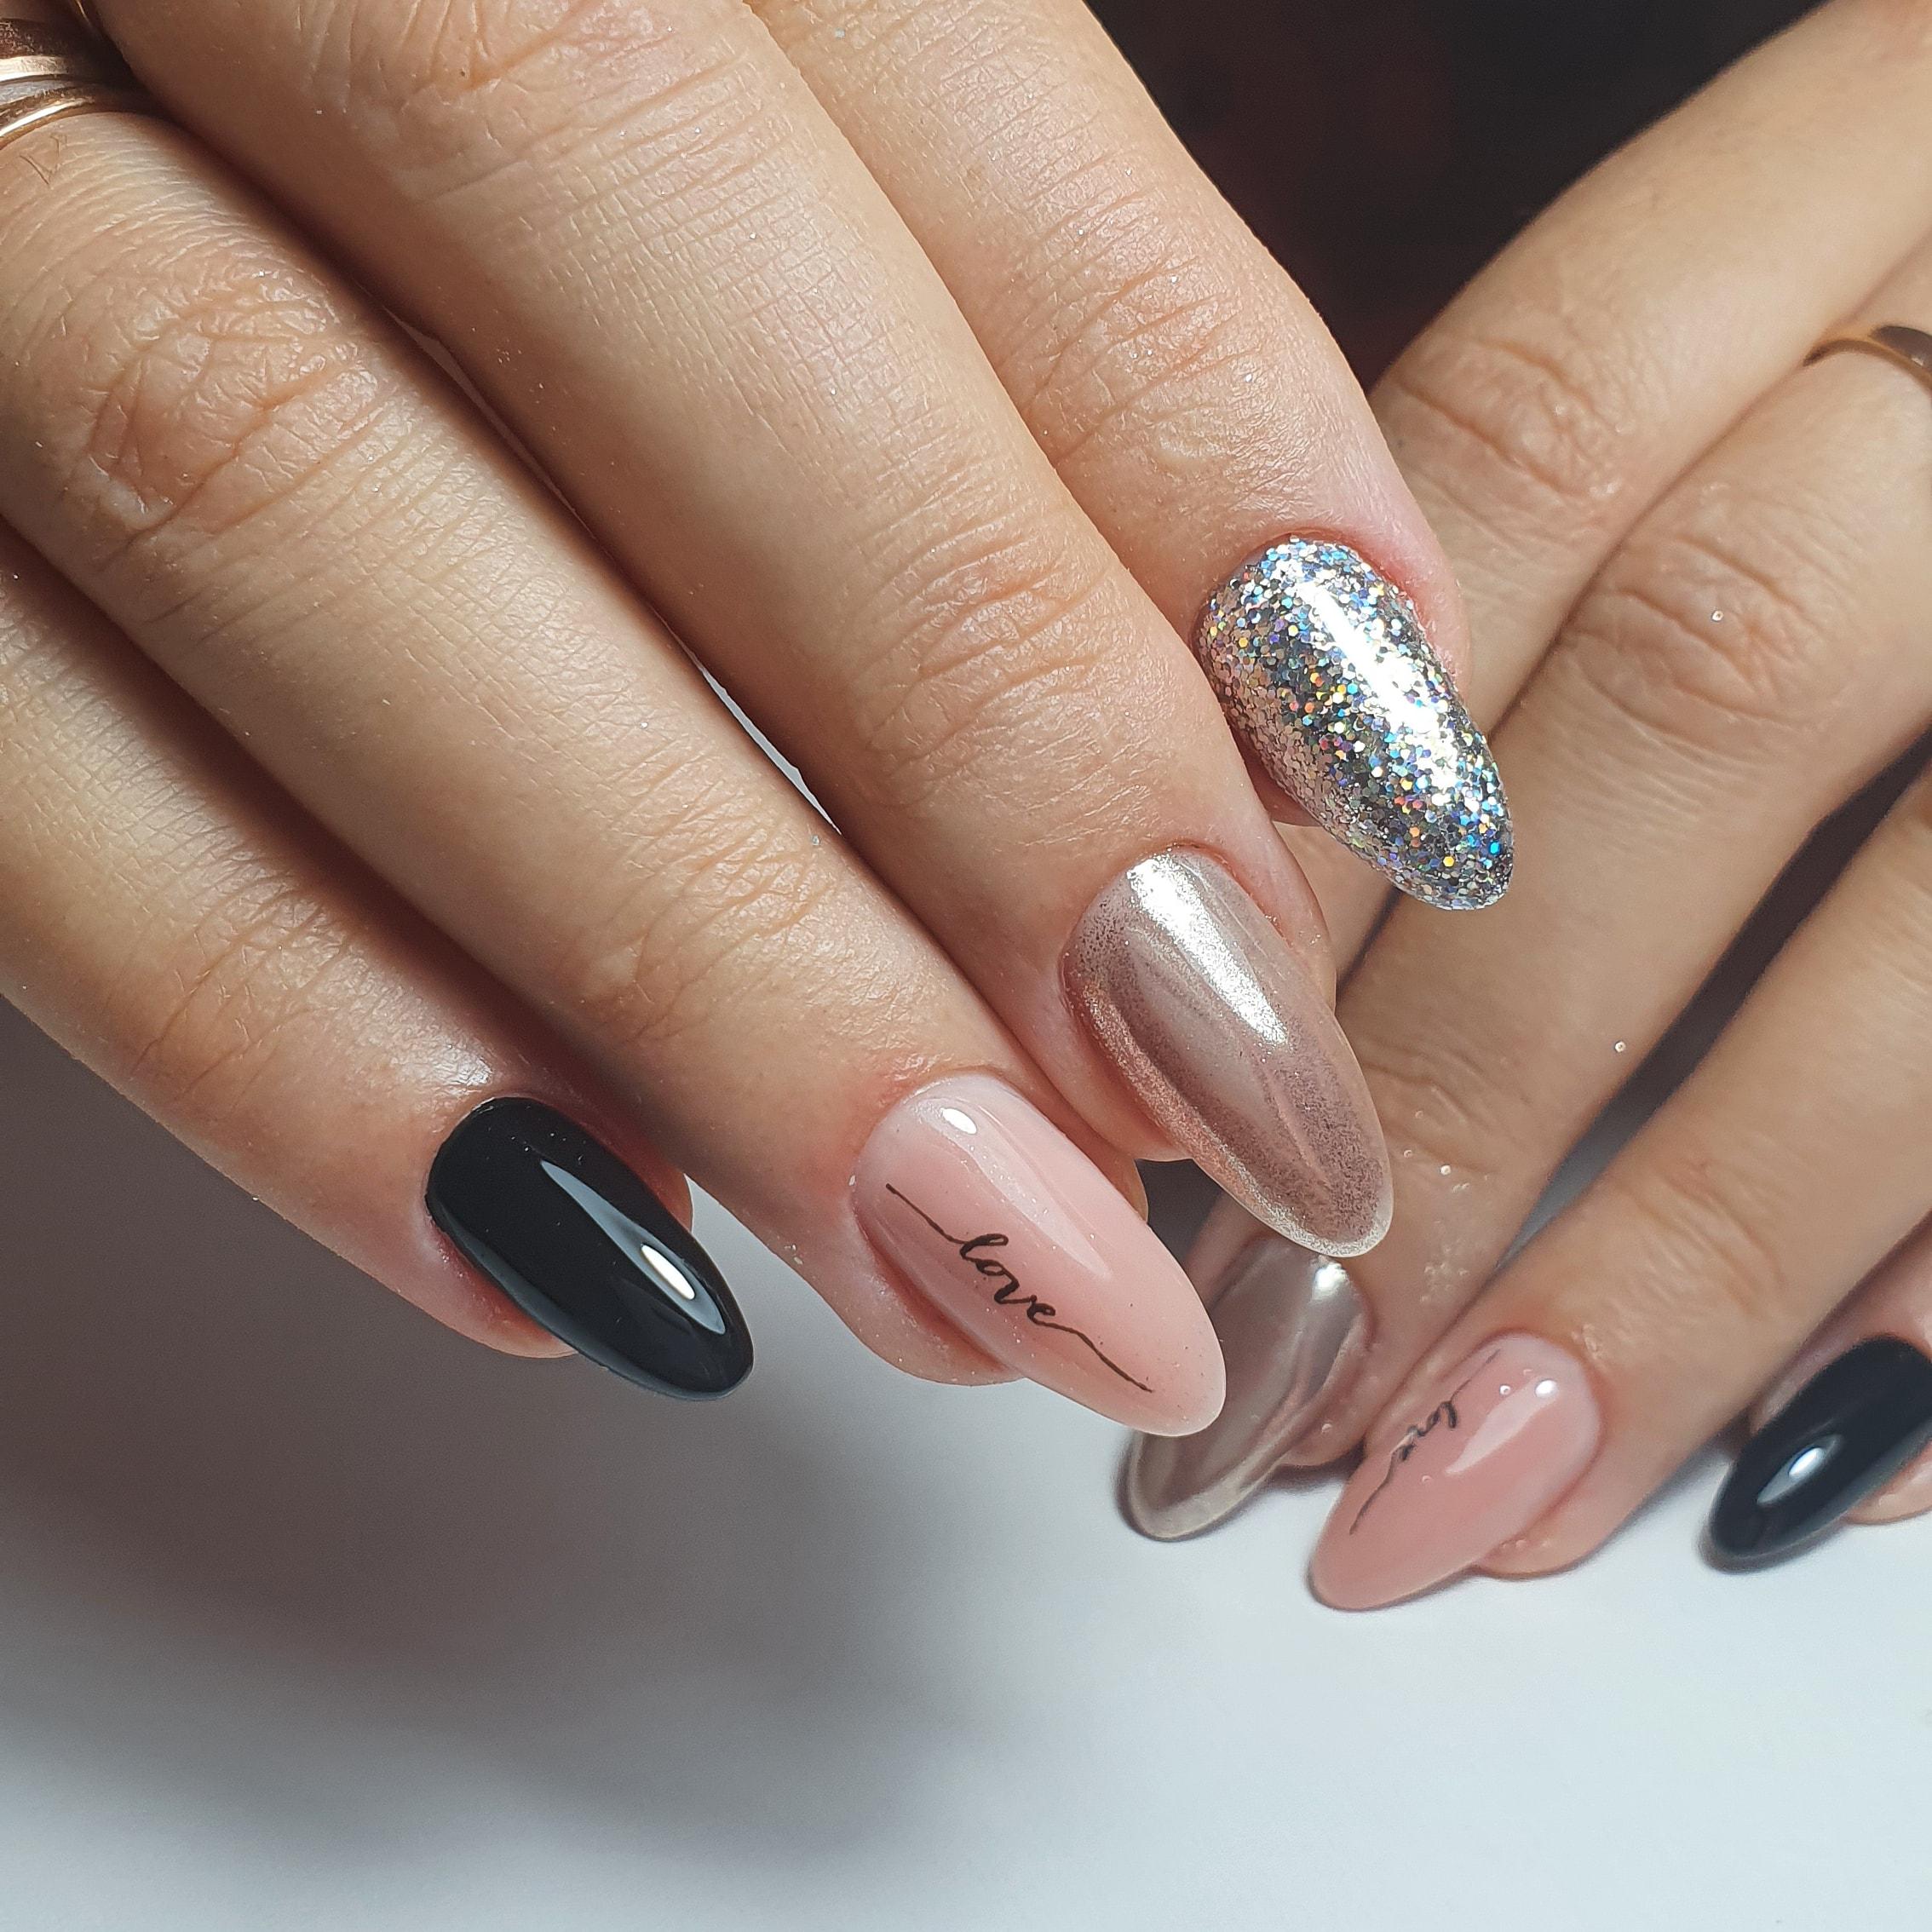 Марикюр с надписями, серебряными блестками и втиркой на длинные ногти.